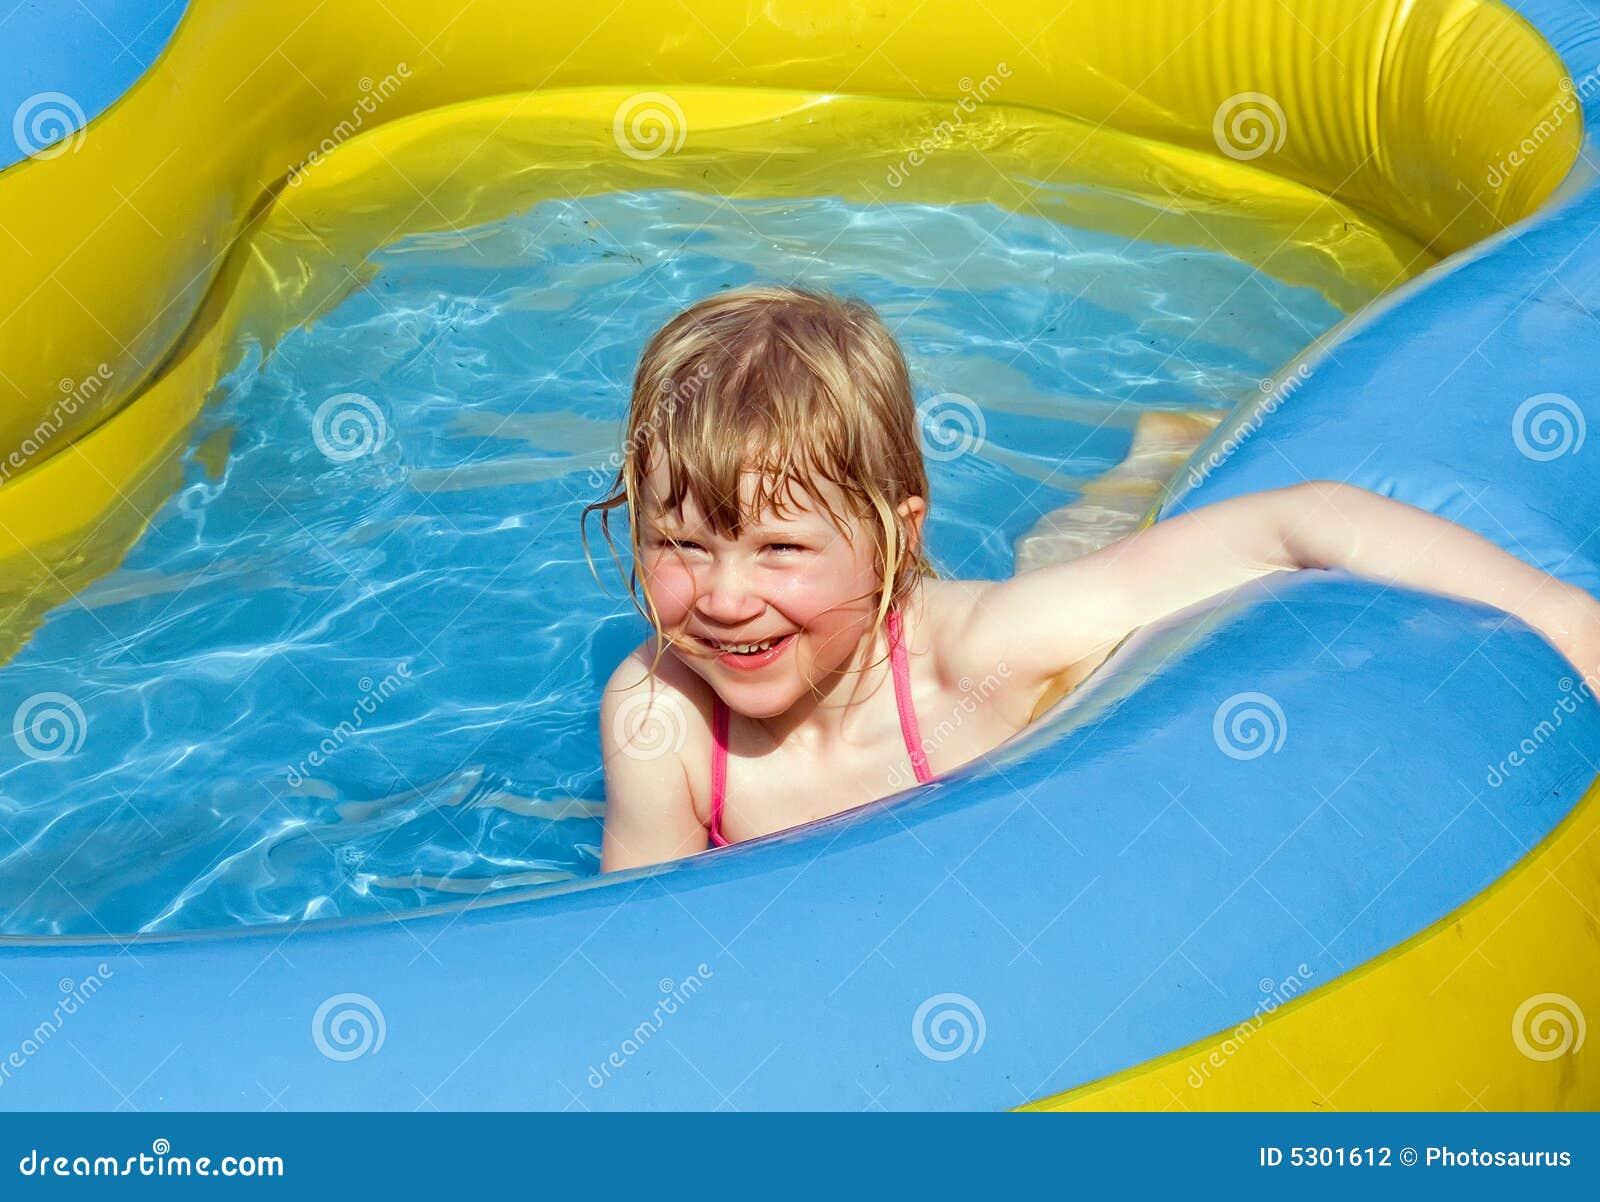 Download Divertimento Nel Raggruppamento Fotografia Stock - Immagine di ragazza, bambini: 5301612